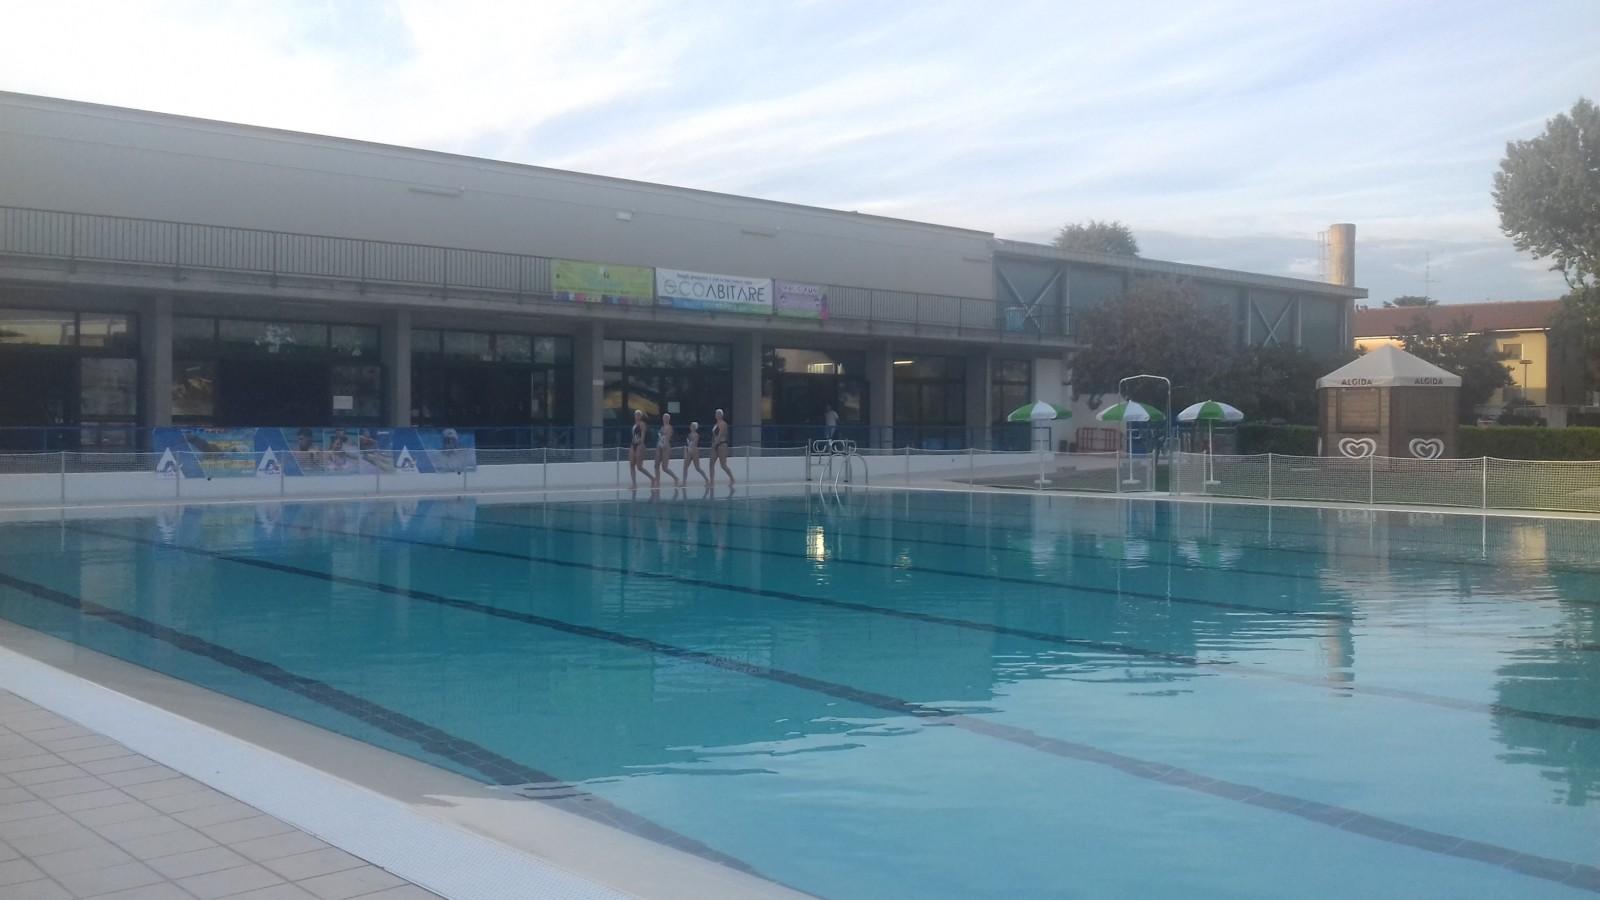 Una piscina olimpica in citt sempione news - Piscina di legnano ...